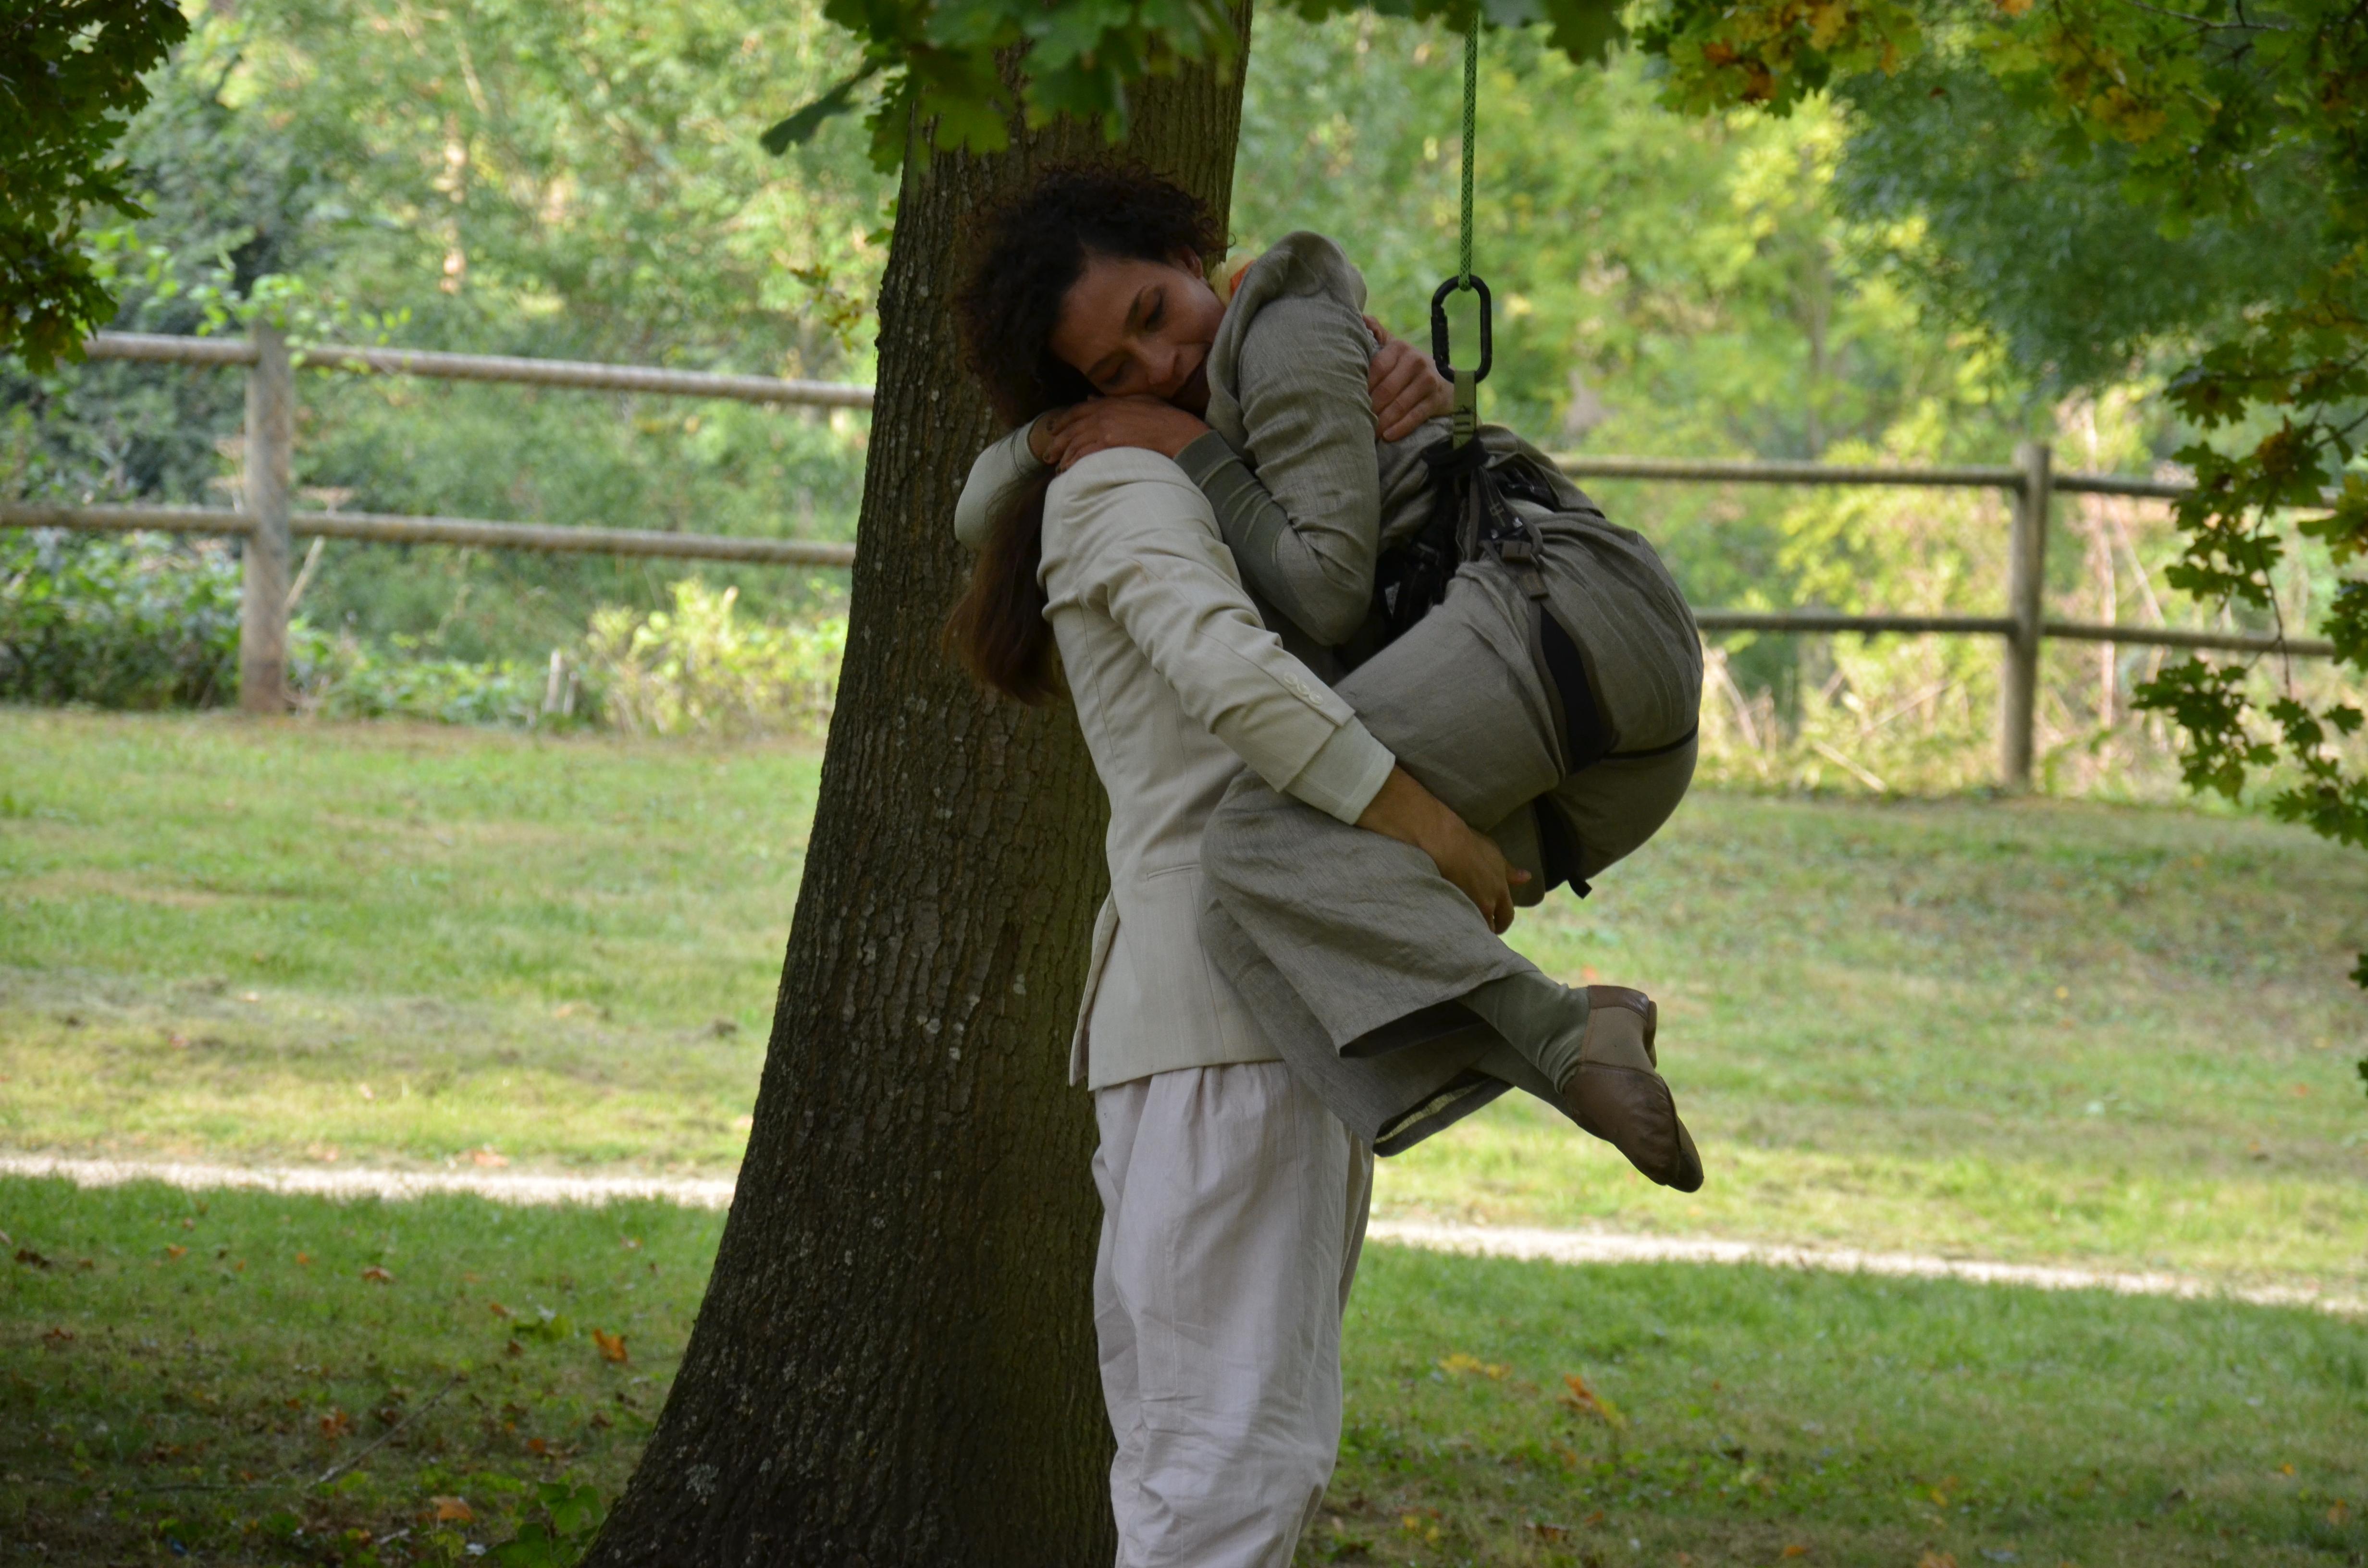 Je suis un arbre